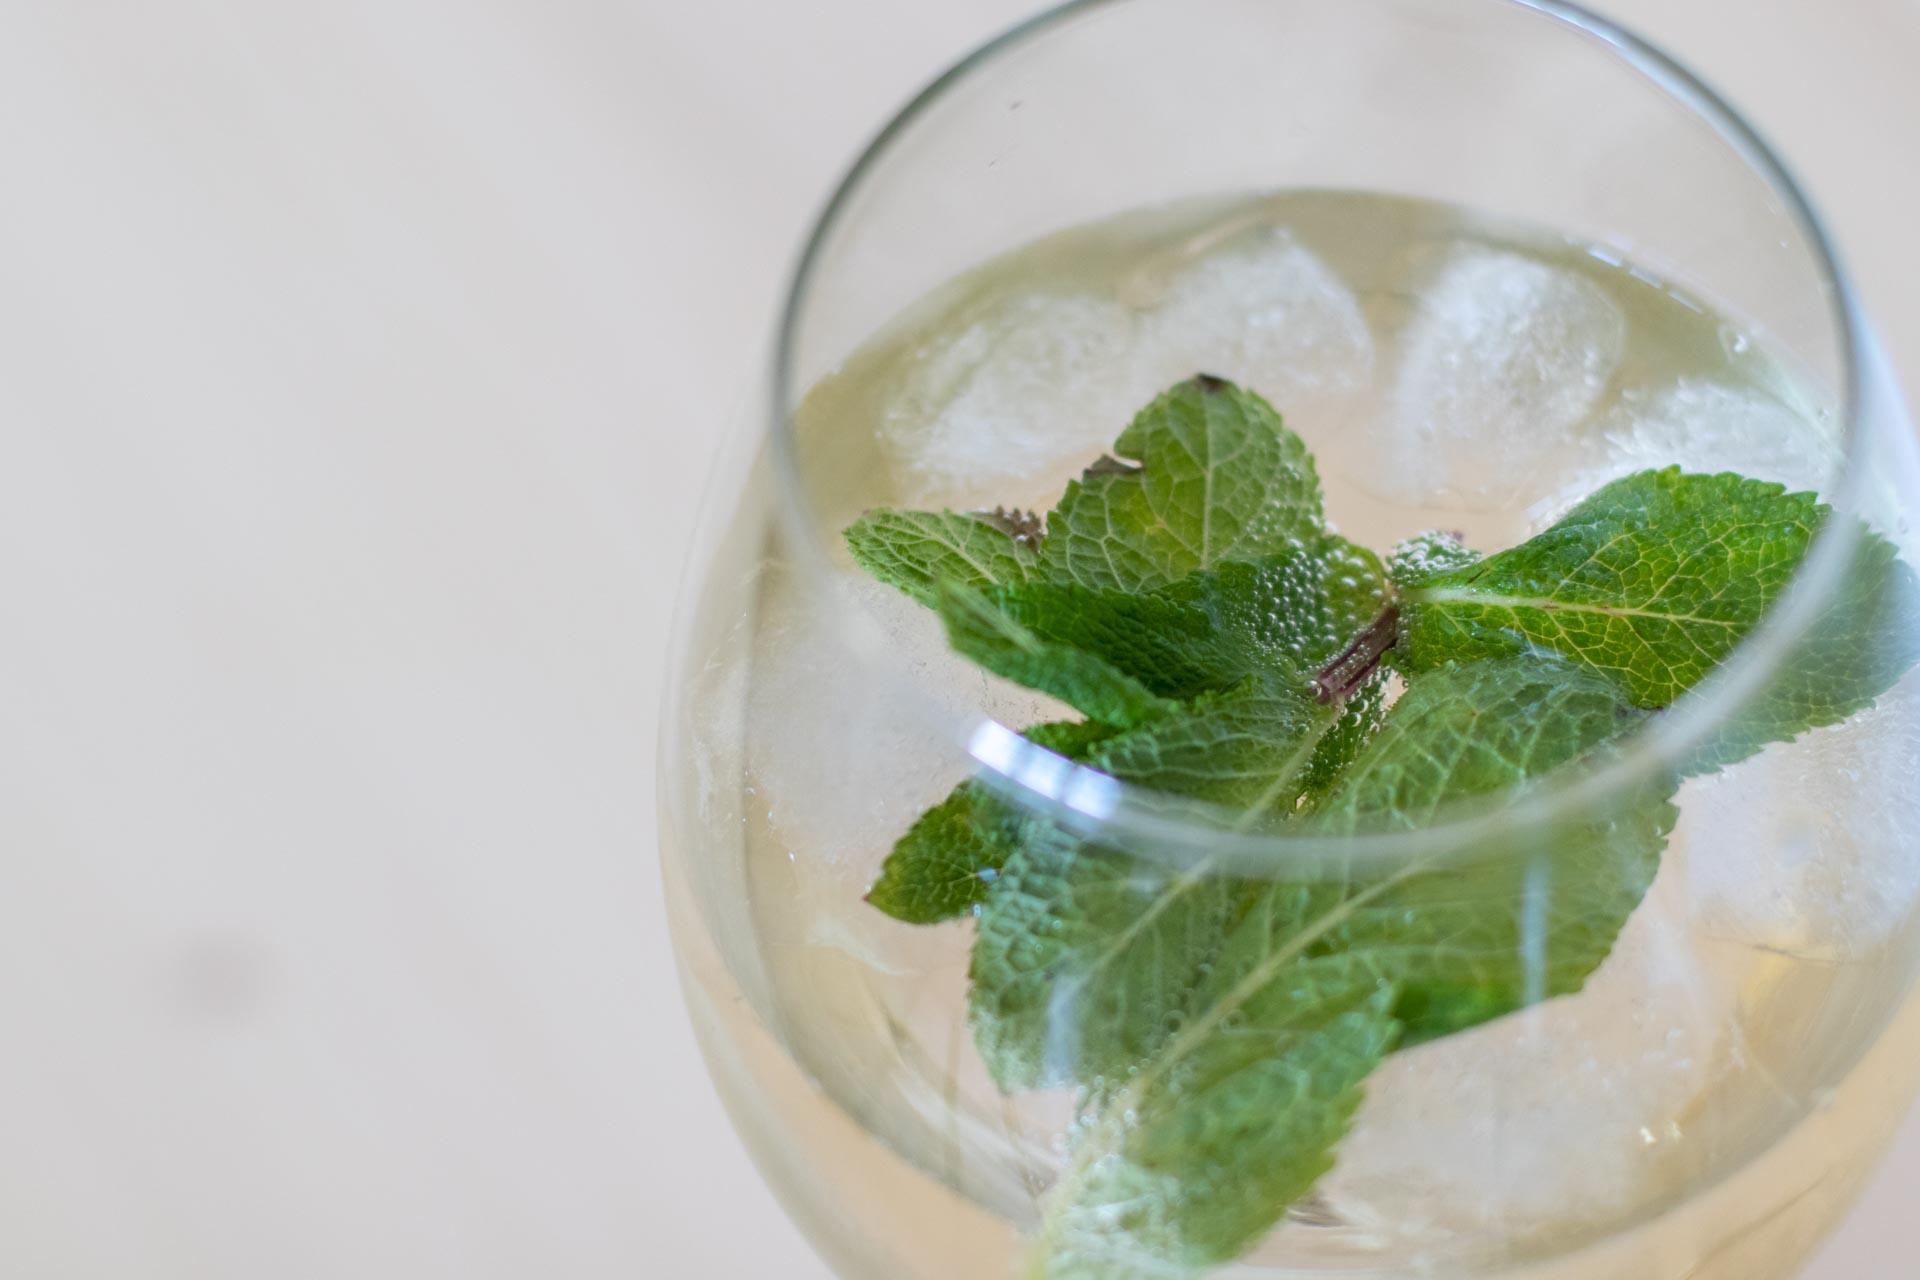 Letní drinky, Frizzante, máta, léto, osvěžení, VINIUM